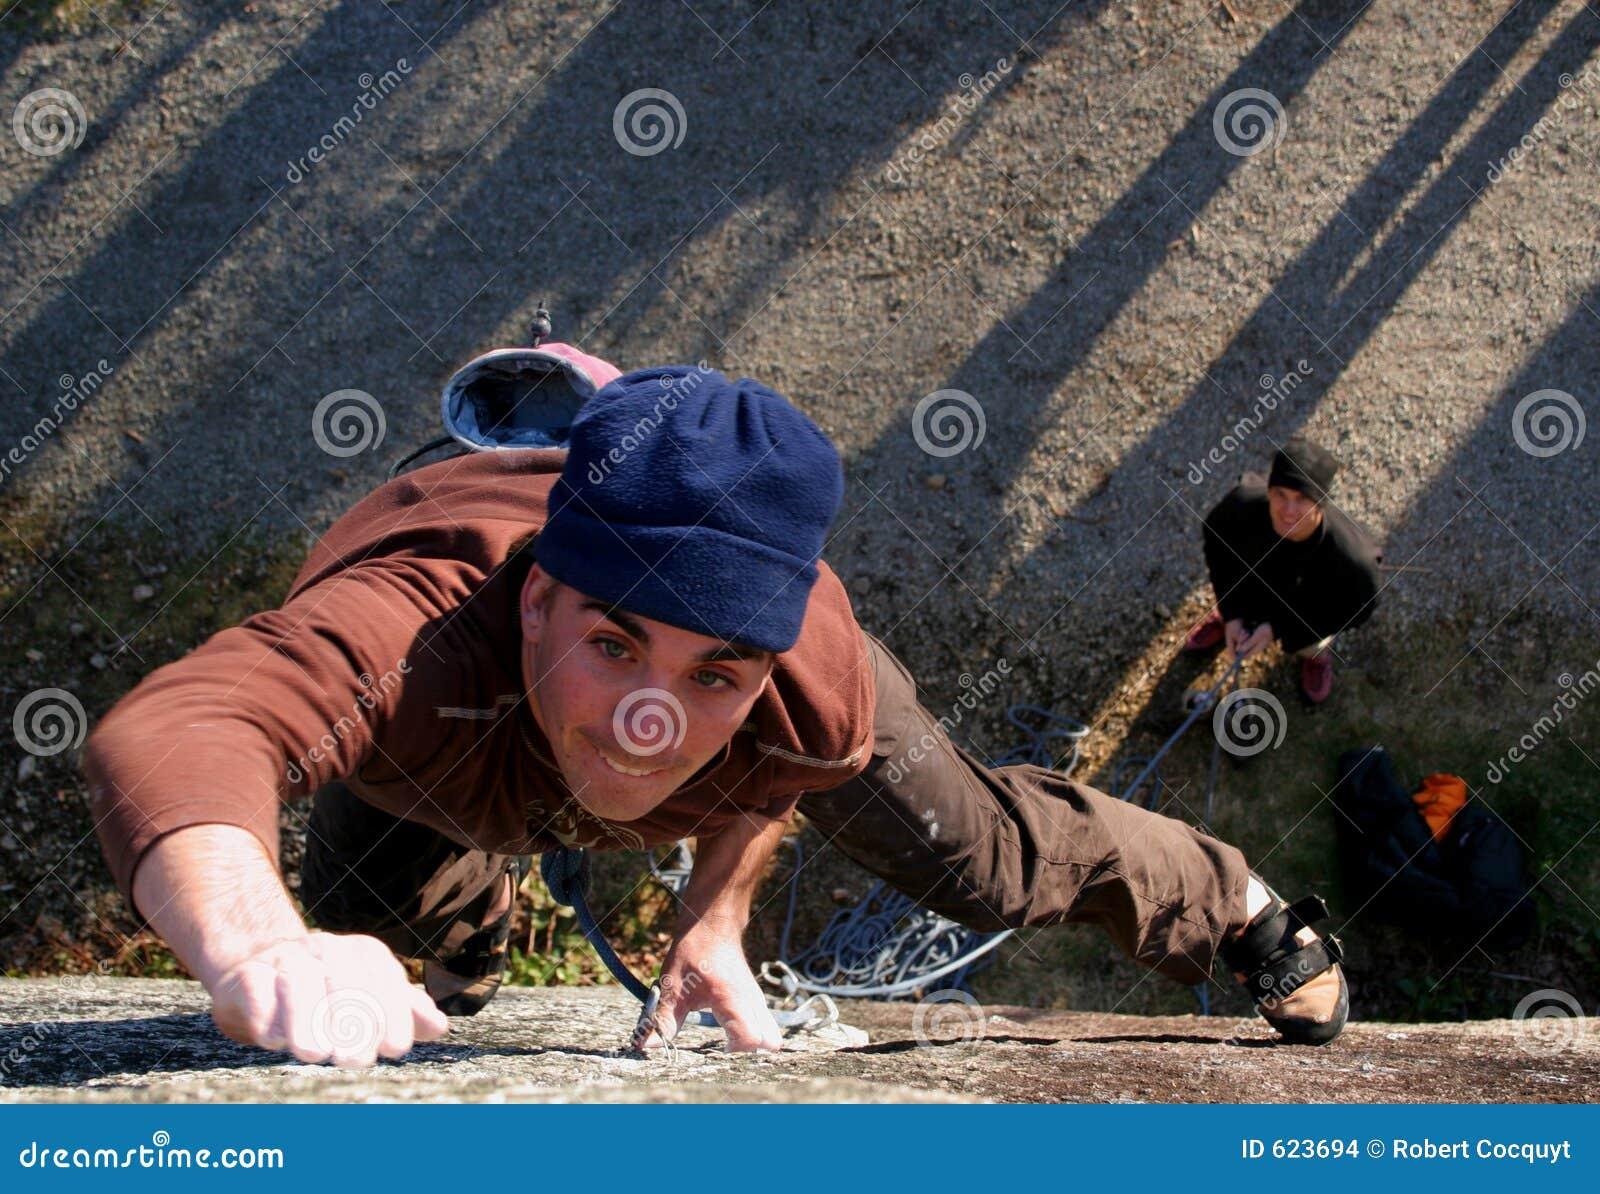 Climberlogan6